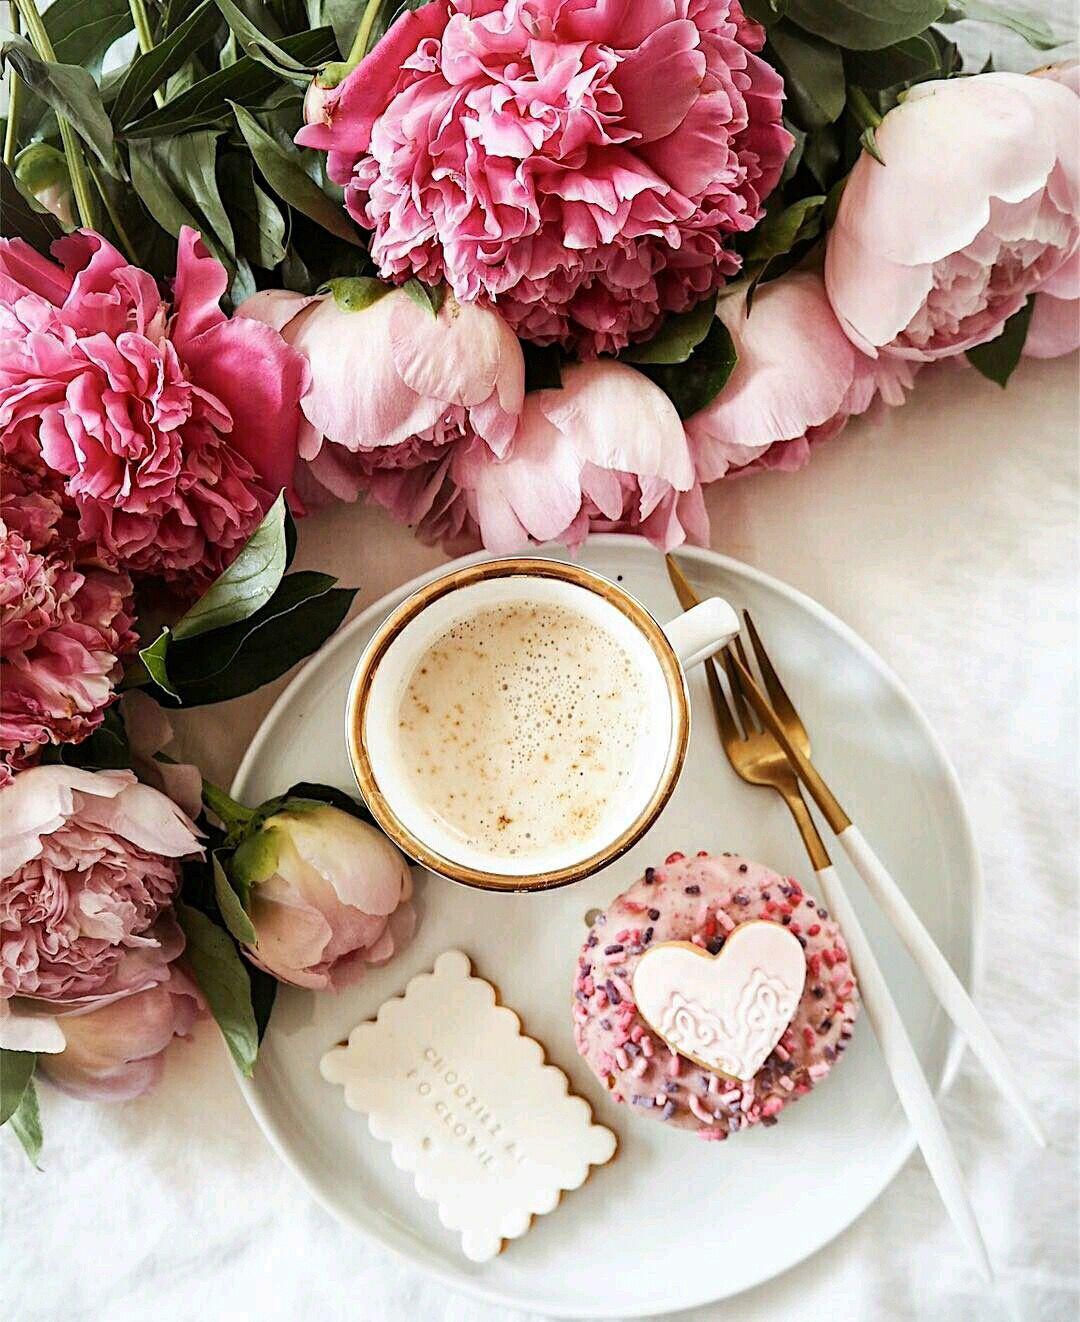 Картинки с добрым утром цветы и кофе красивые